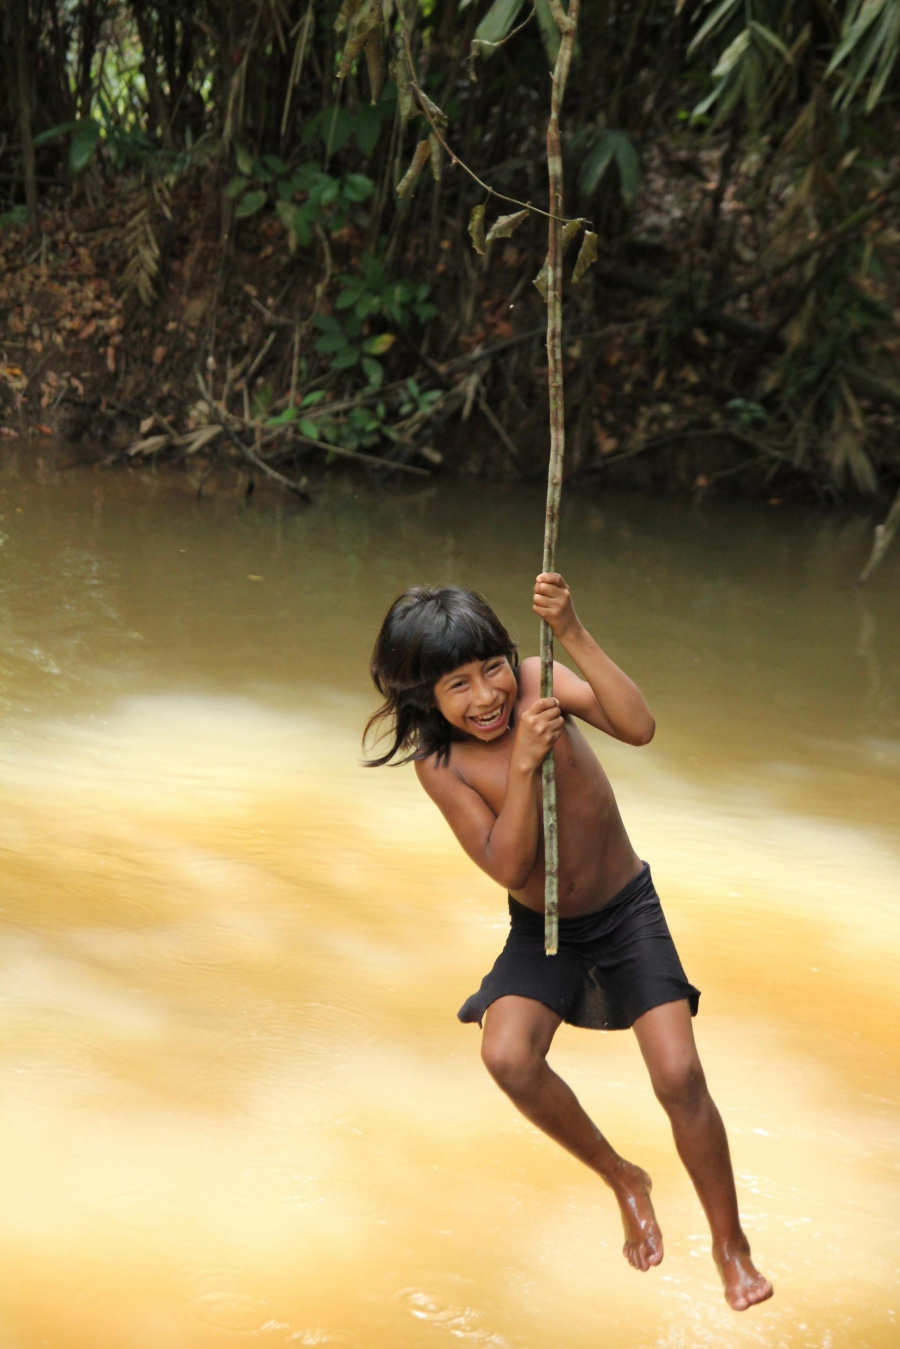 Удивительные фотографии исчезающего племени Ава